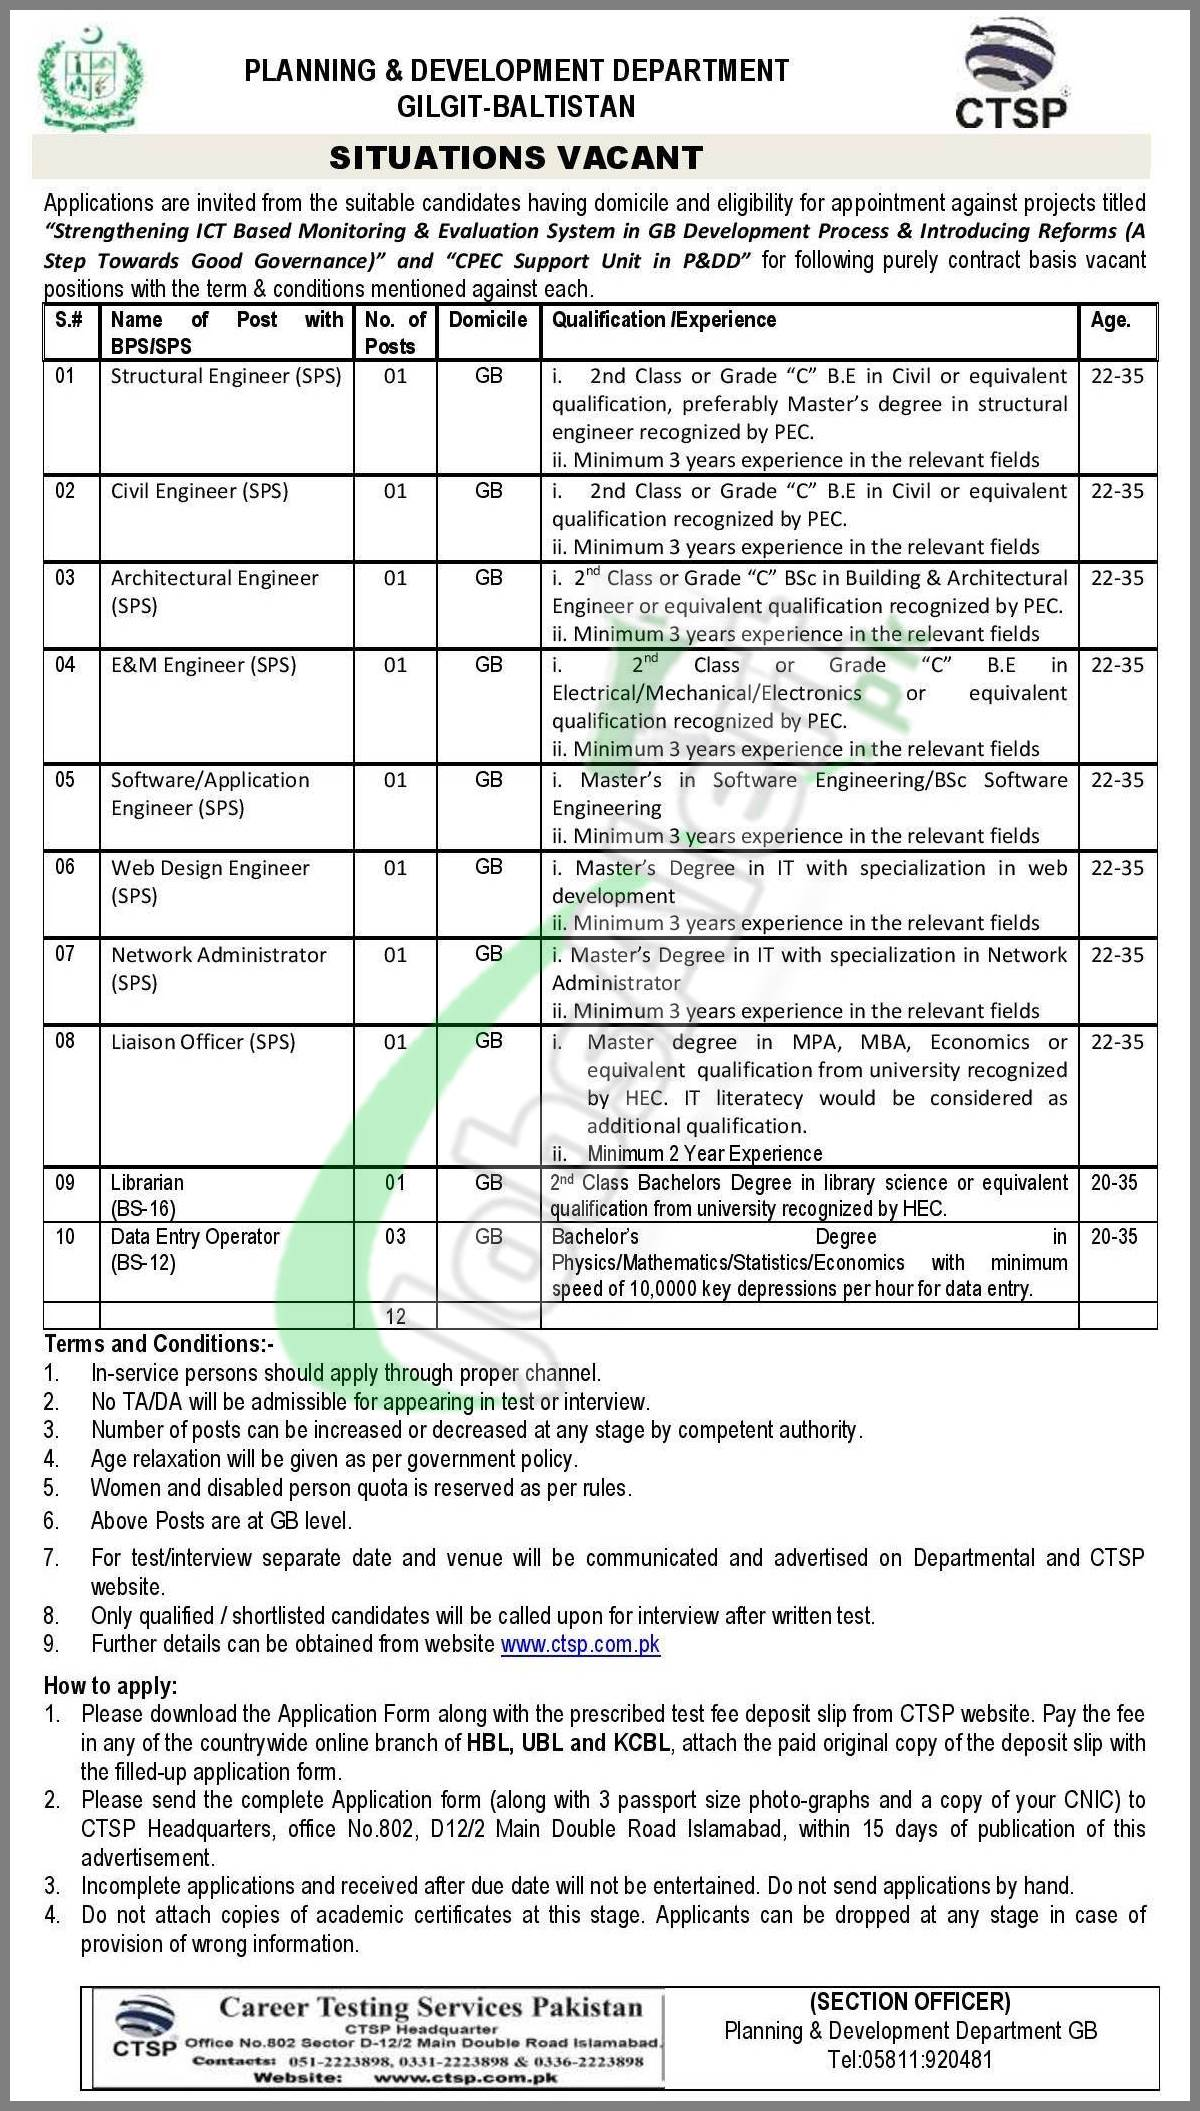 Planning & Development Department Gilgit Baltistan Jobs